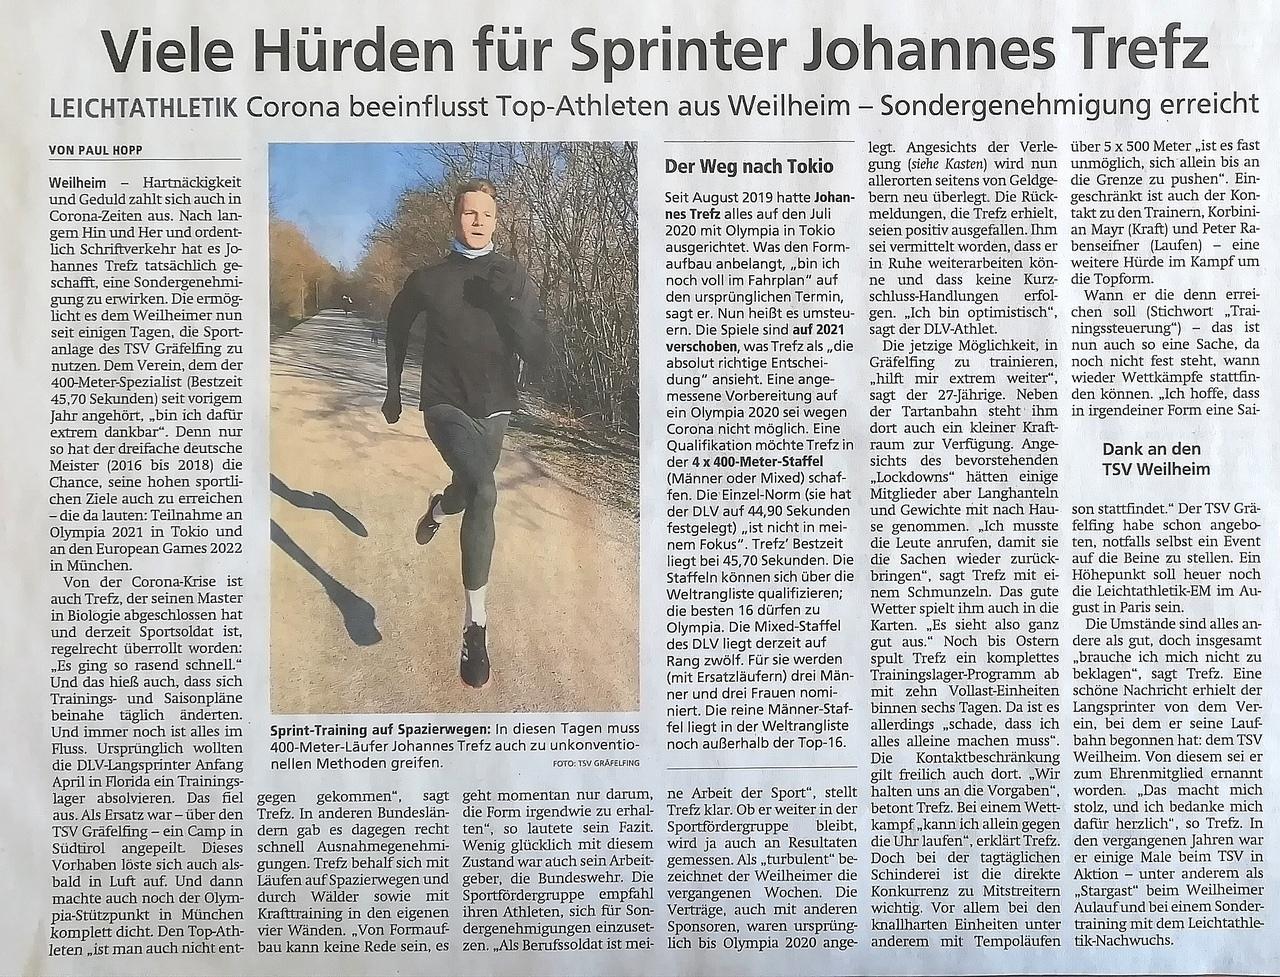 Viele Hürden für Sprinter Johannes Trefz